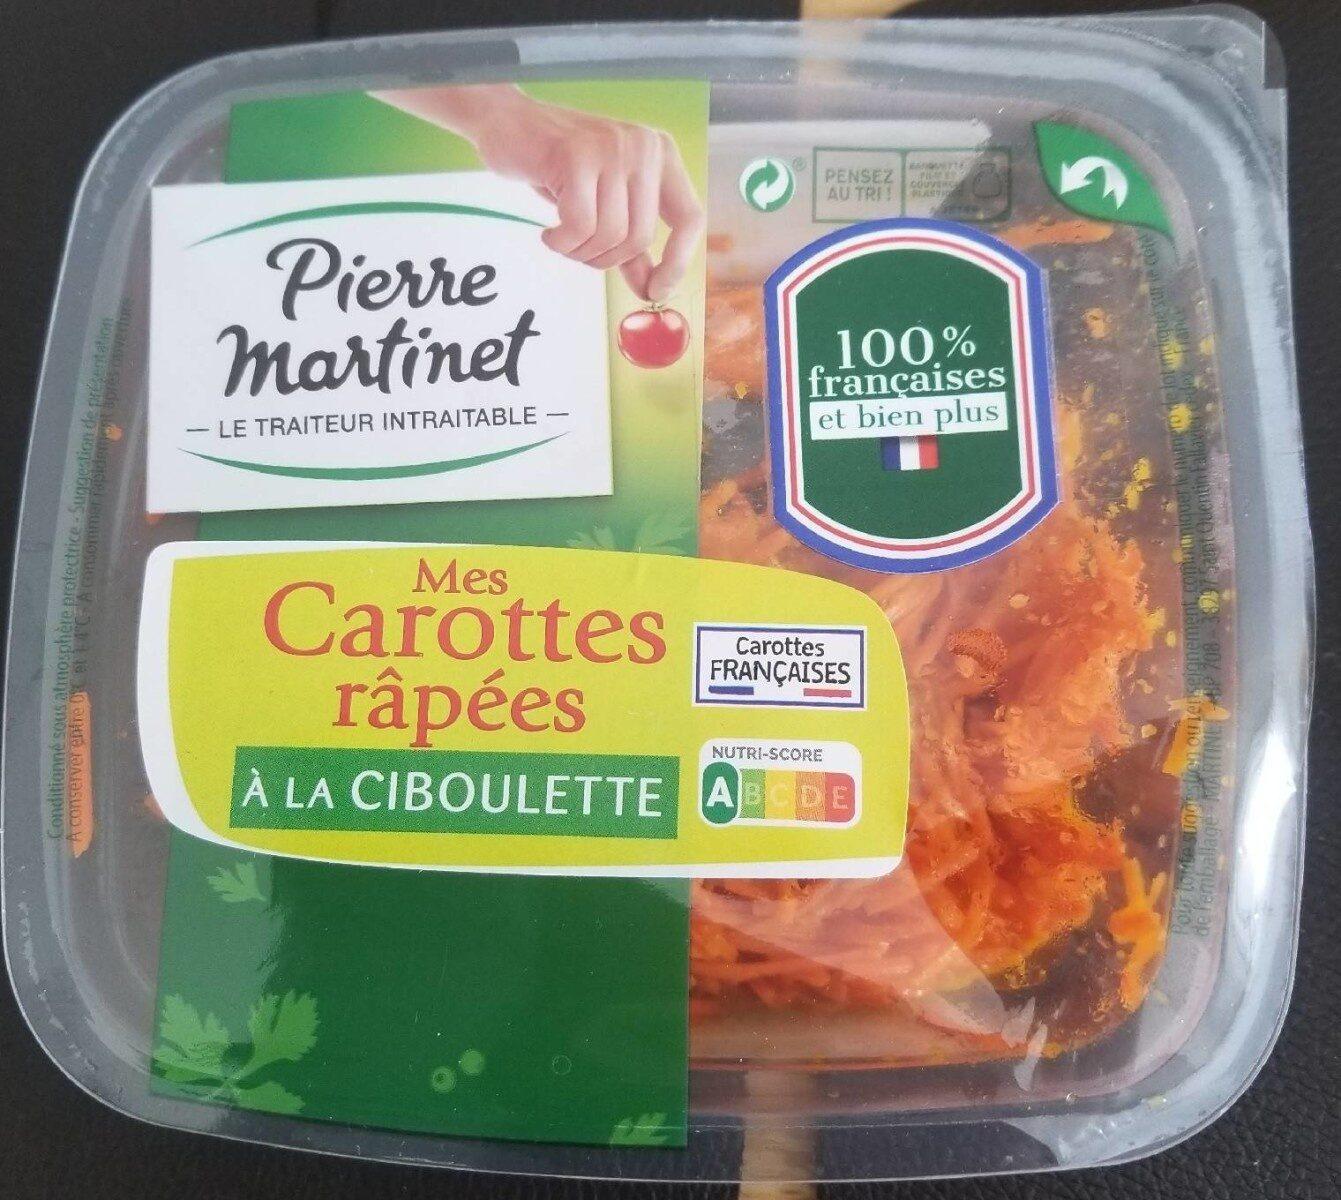 Carottes râpées - Produit - fr